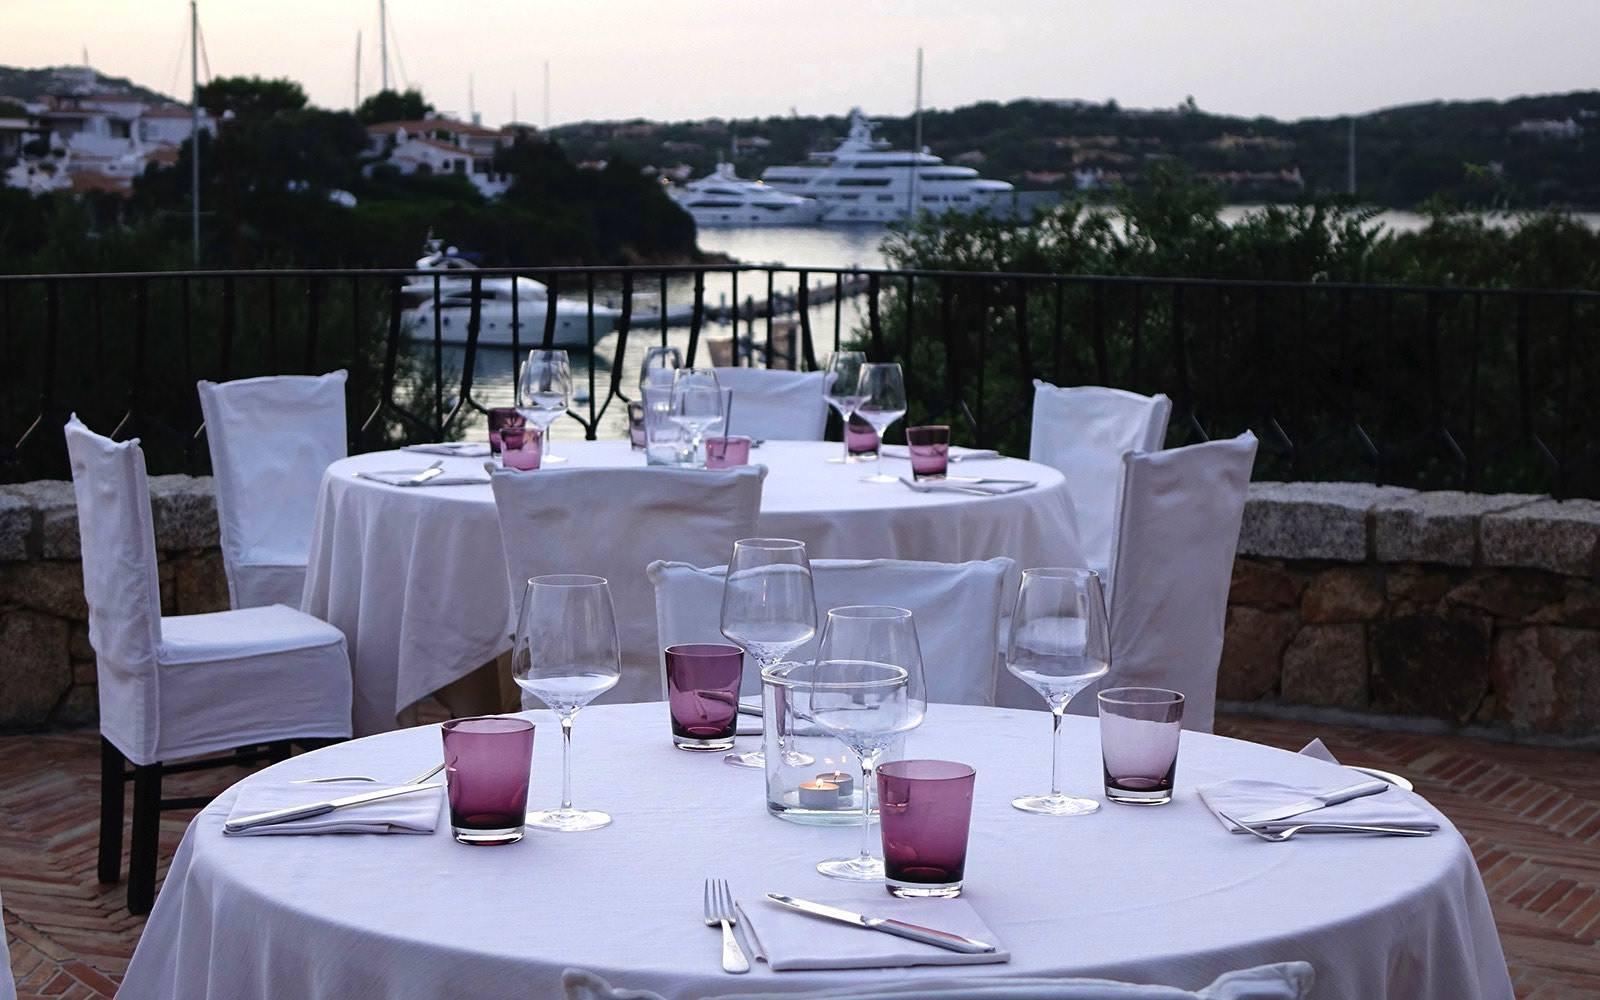 Le rooftop du Madai Restaurant  Situé face au port de Porto Cervo et sa farandole de yachts plus luxueux les uns que les autres, le Madai Restaurant primé au guide Michelin est le lieu de rencontre de la jet set internationale. La carte aux saveurs méditerranéennes propose une sélection de 5 poissons dont il faut choisir la cuisson et l'assaisonnement : en carpaccio, grillé ou en tataki. C'est sur le rooftop de l'établissement que la magie opère, où l'art de la table est parfaitement maîtrisé et l'atmosphère y est vibrante.  http://www.ristorantemadai.it/